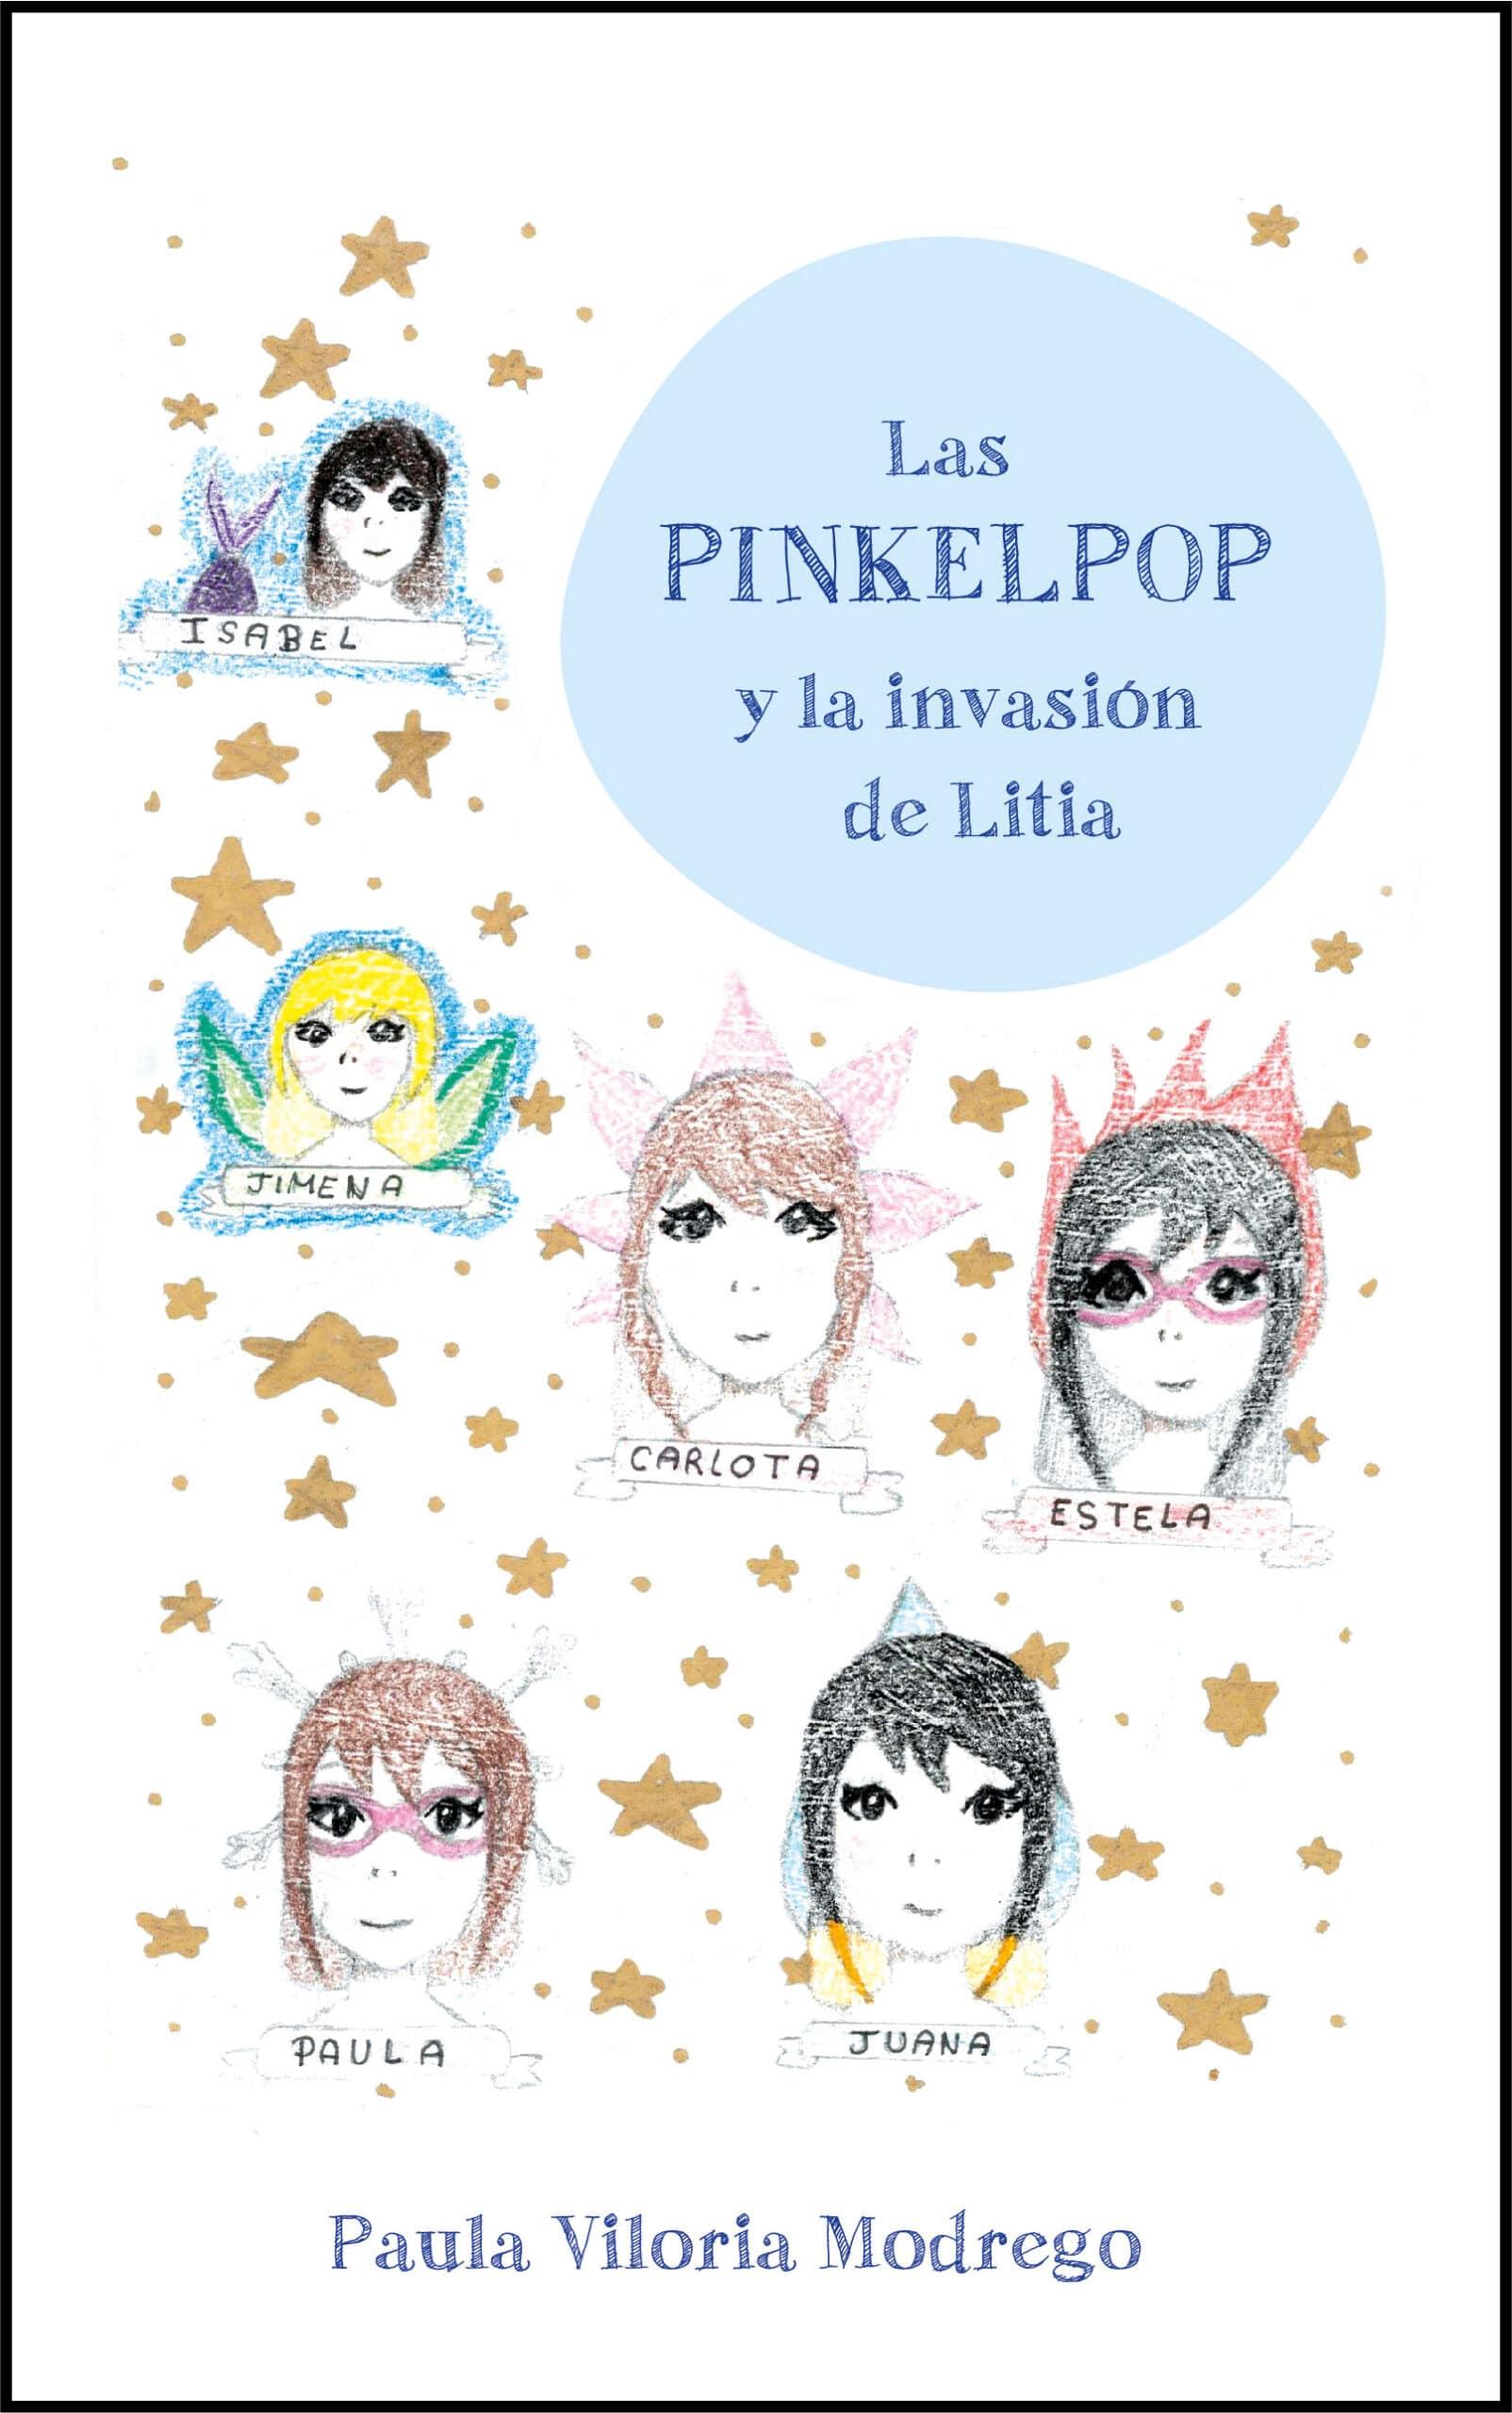 Las PINKELPOP y la invasión de Litia, de Paula Viloria Modrego